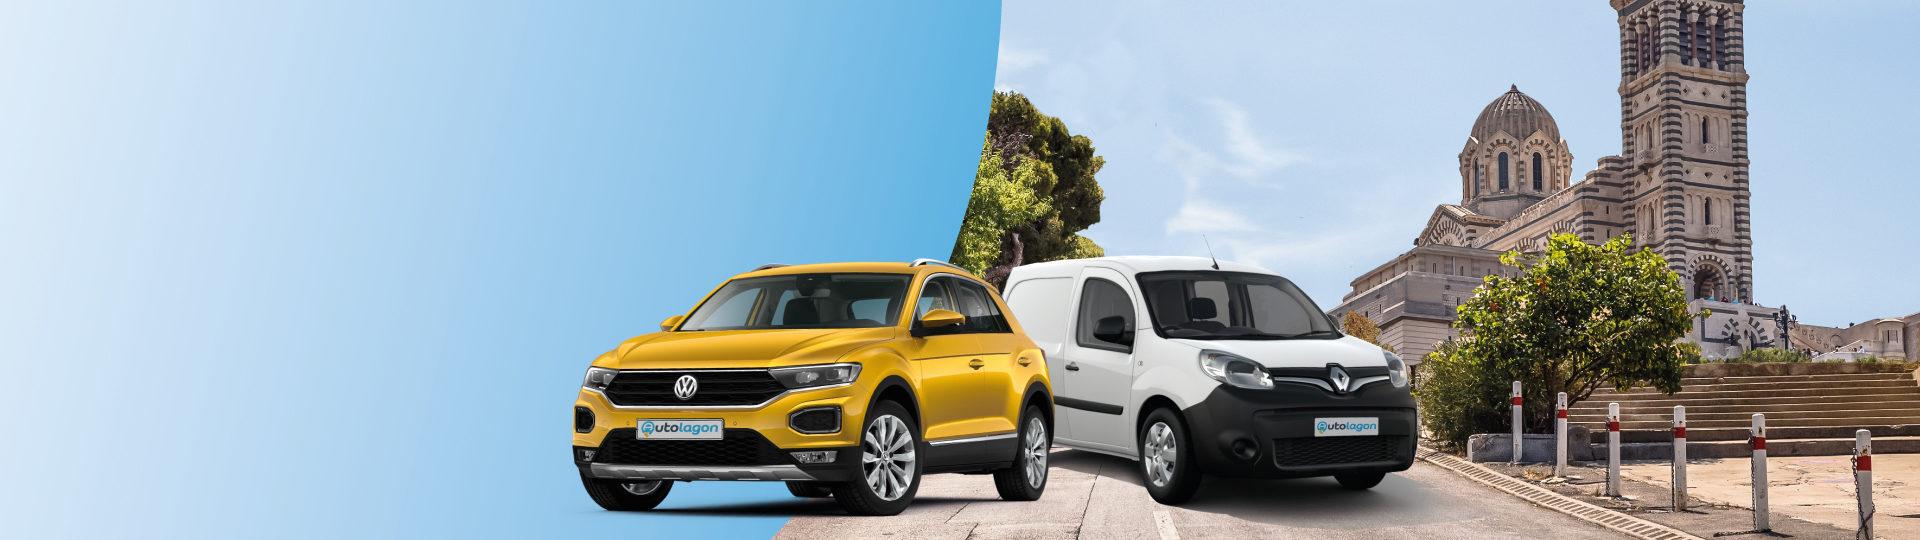 Réservez votre voiture de location au meilleur prix à Marseille Provence